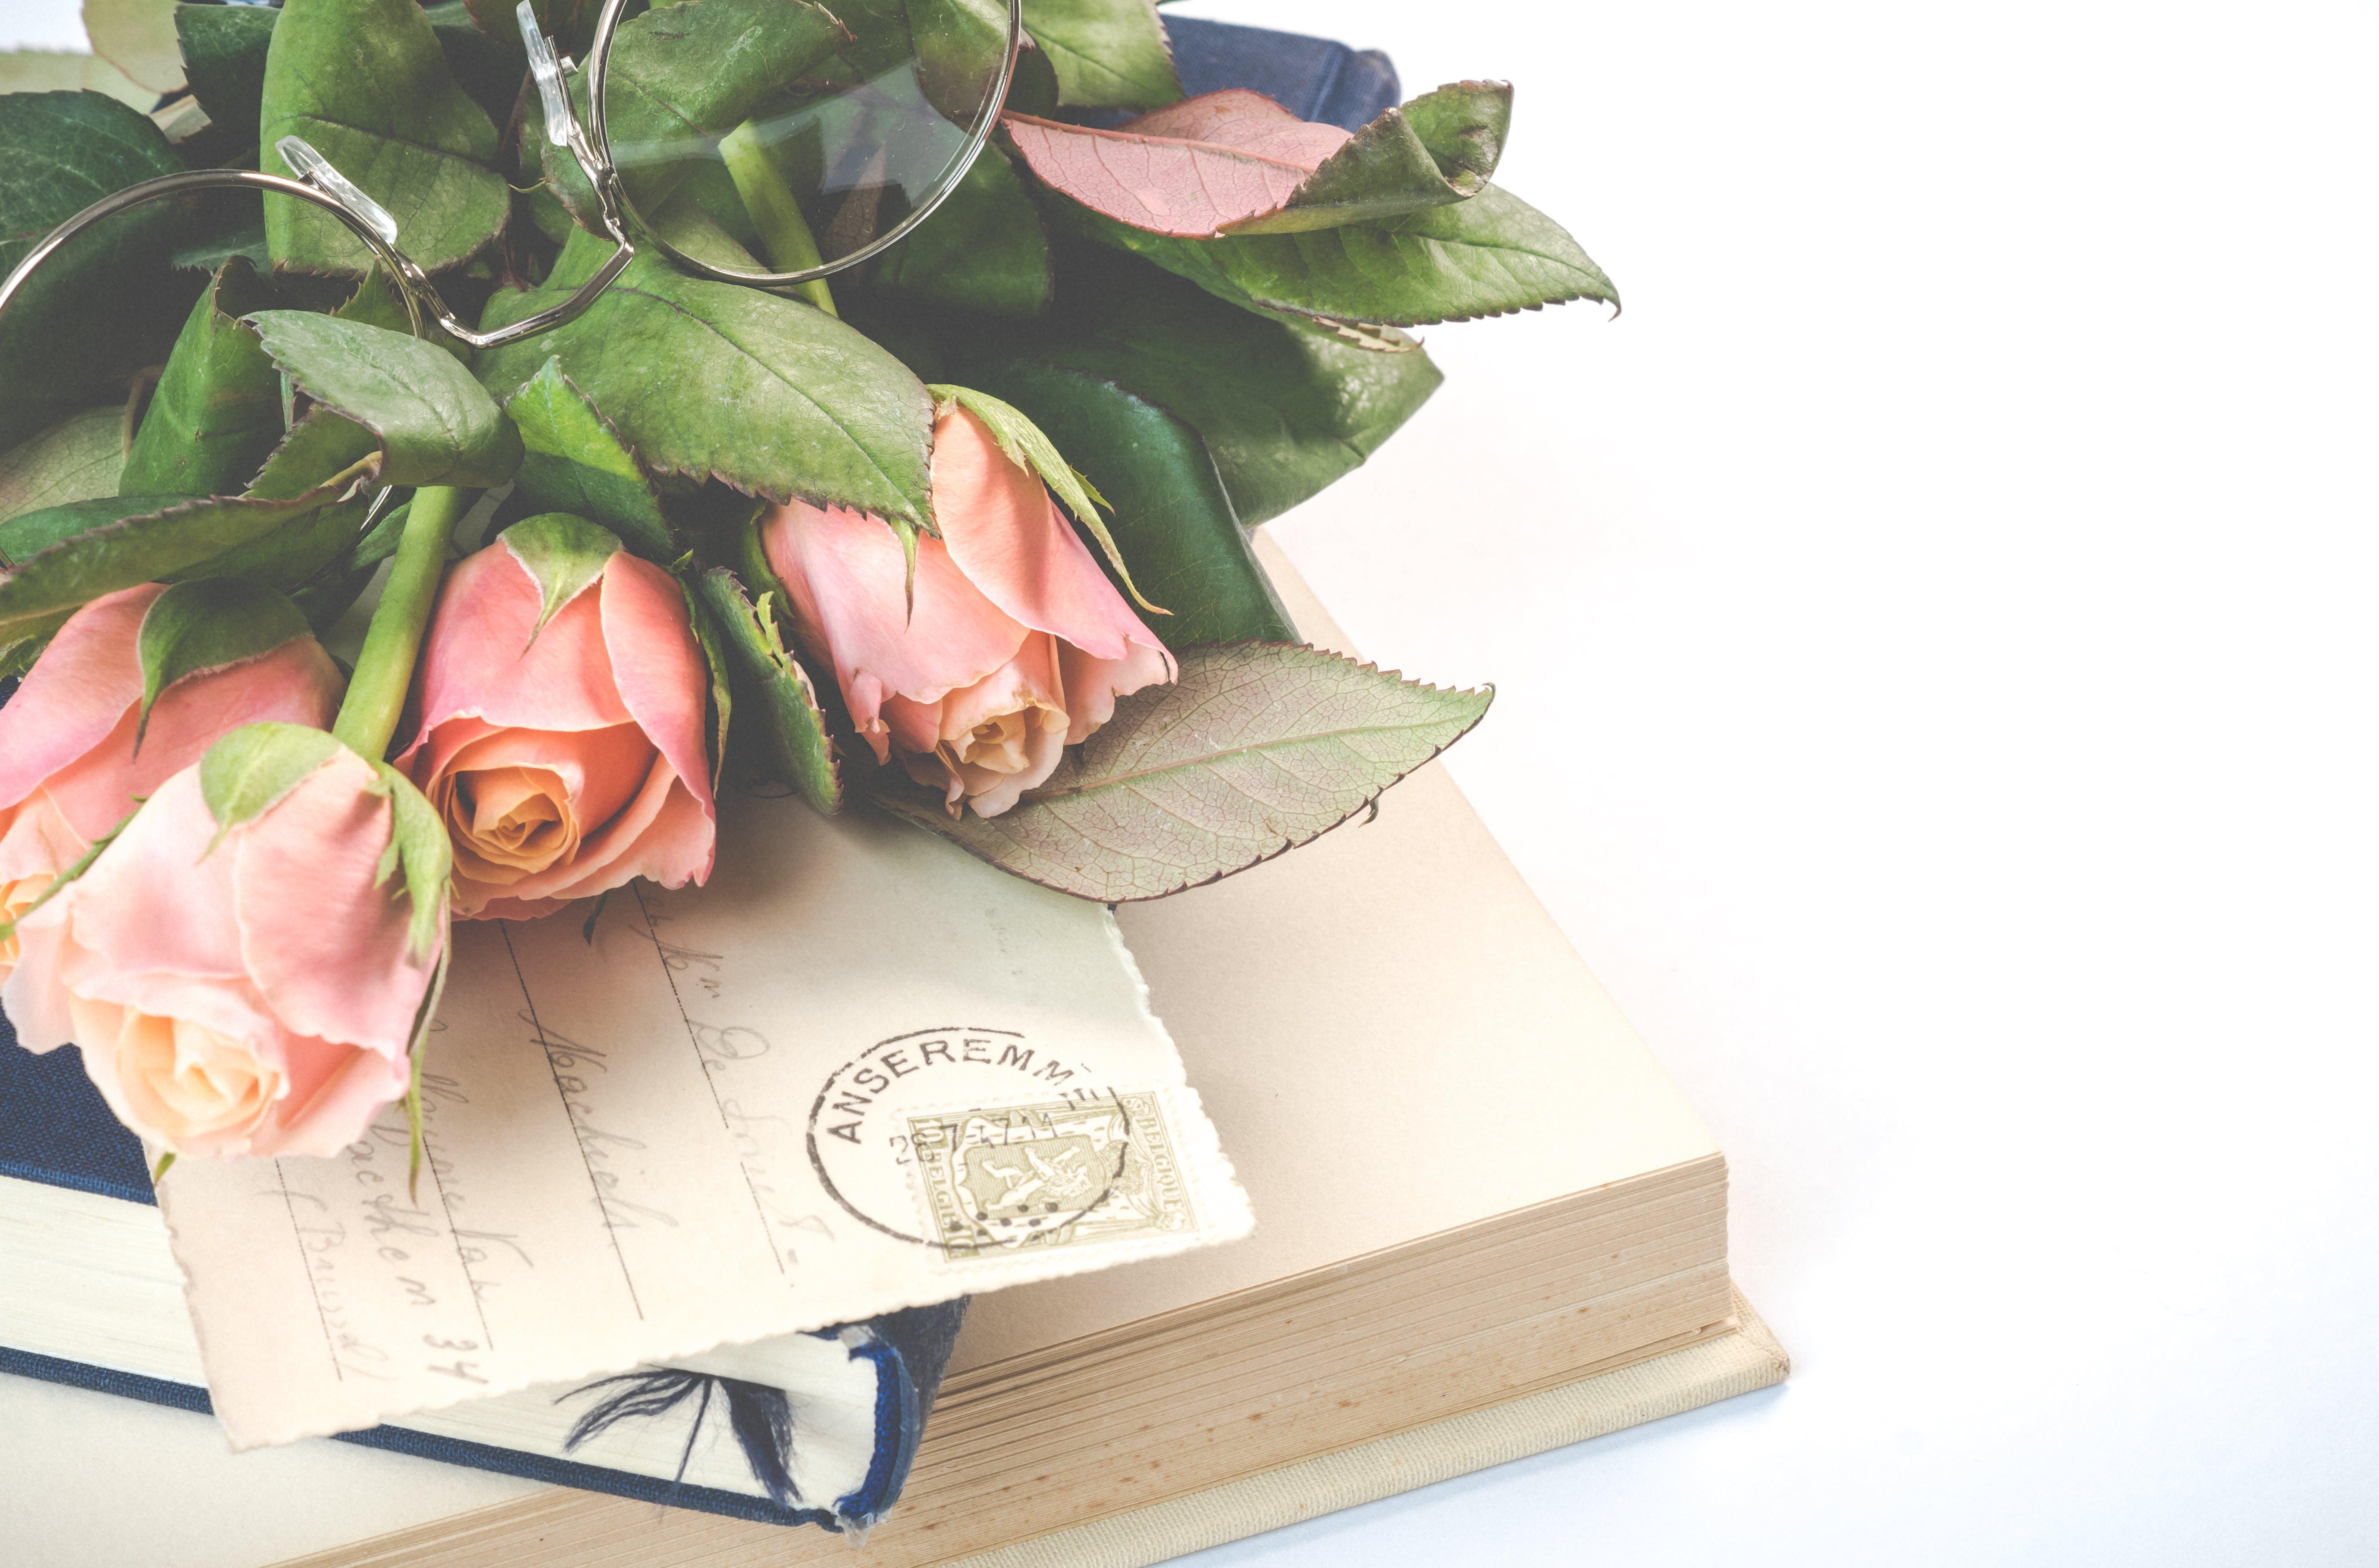 信用卡, 圖書, 明亮, 植物群 的 免費圖庫相片